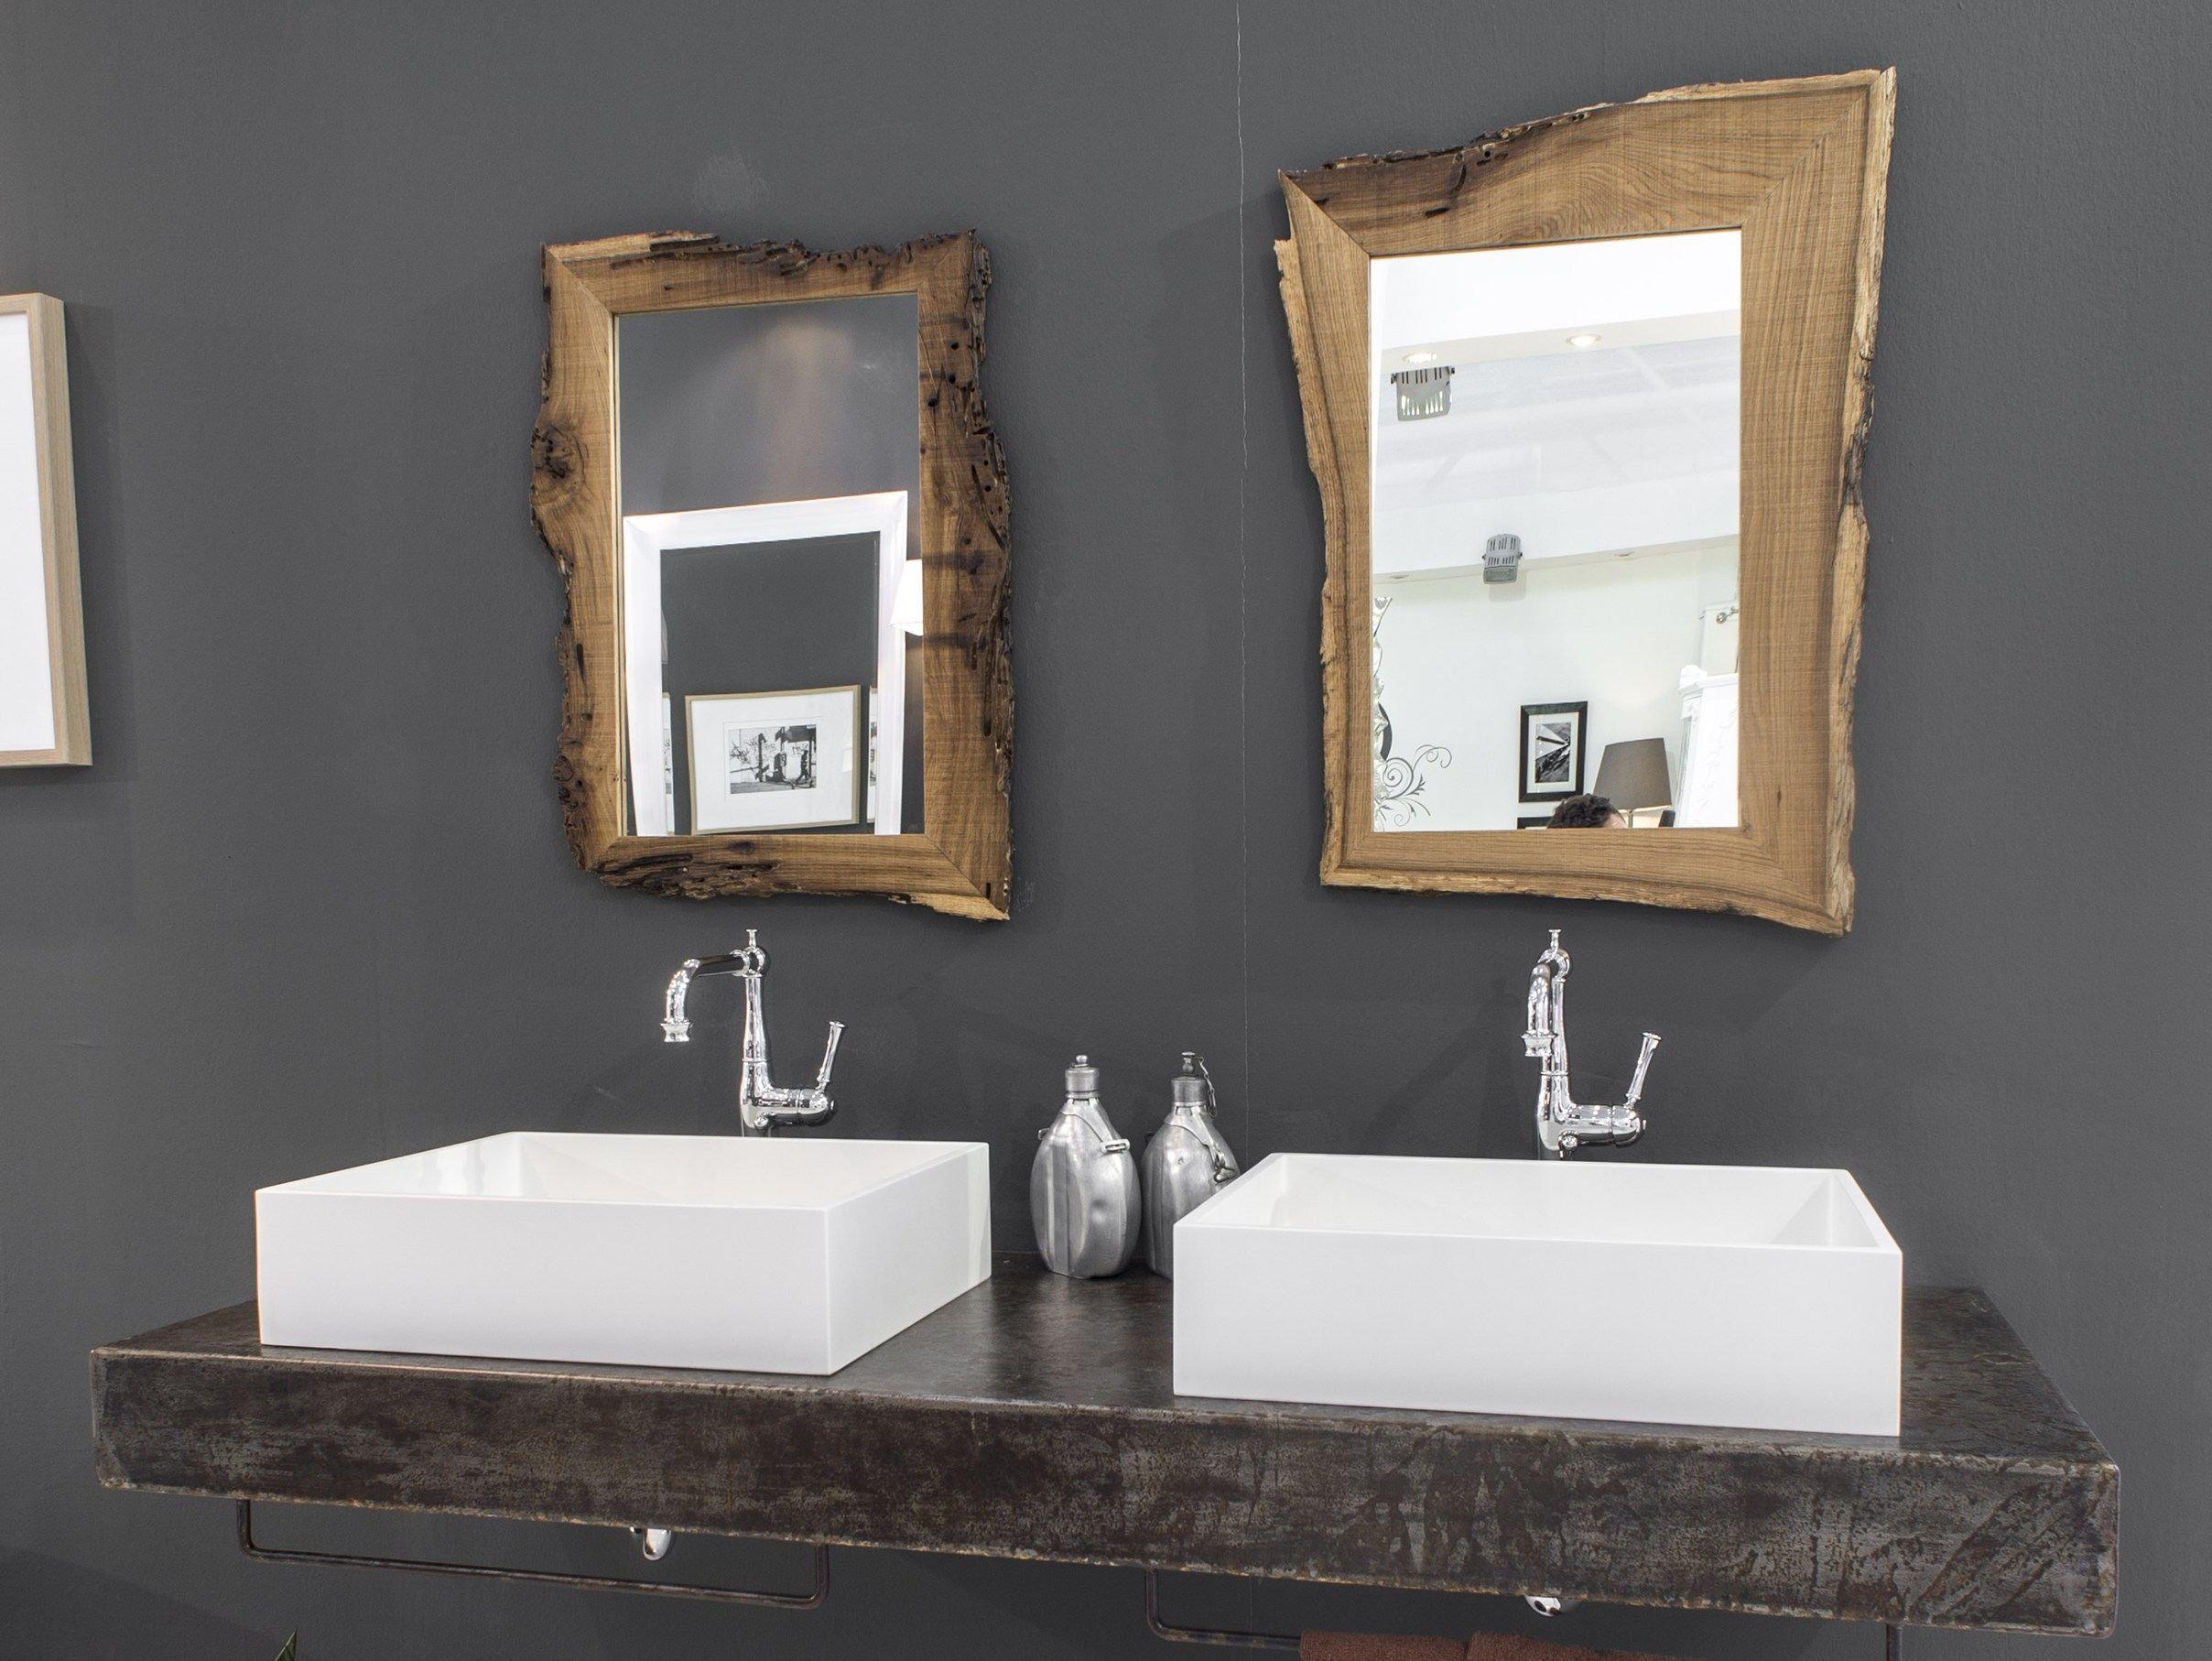 New age piano lavabo by bleu provence for Piani di casa in stile isolano